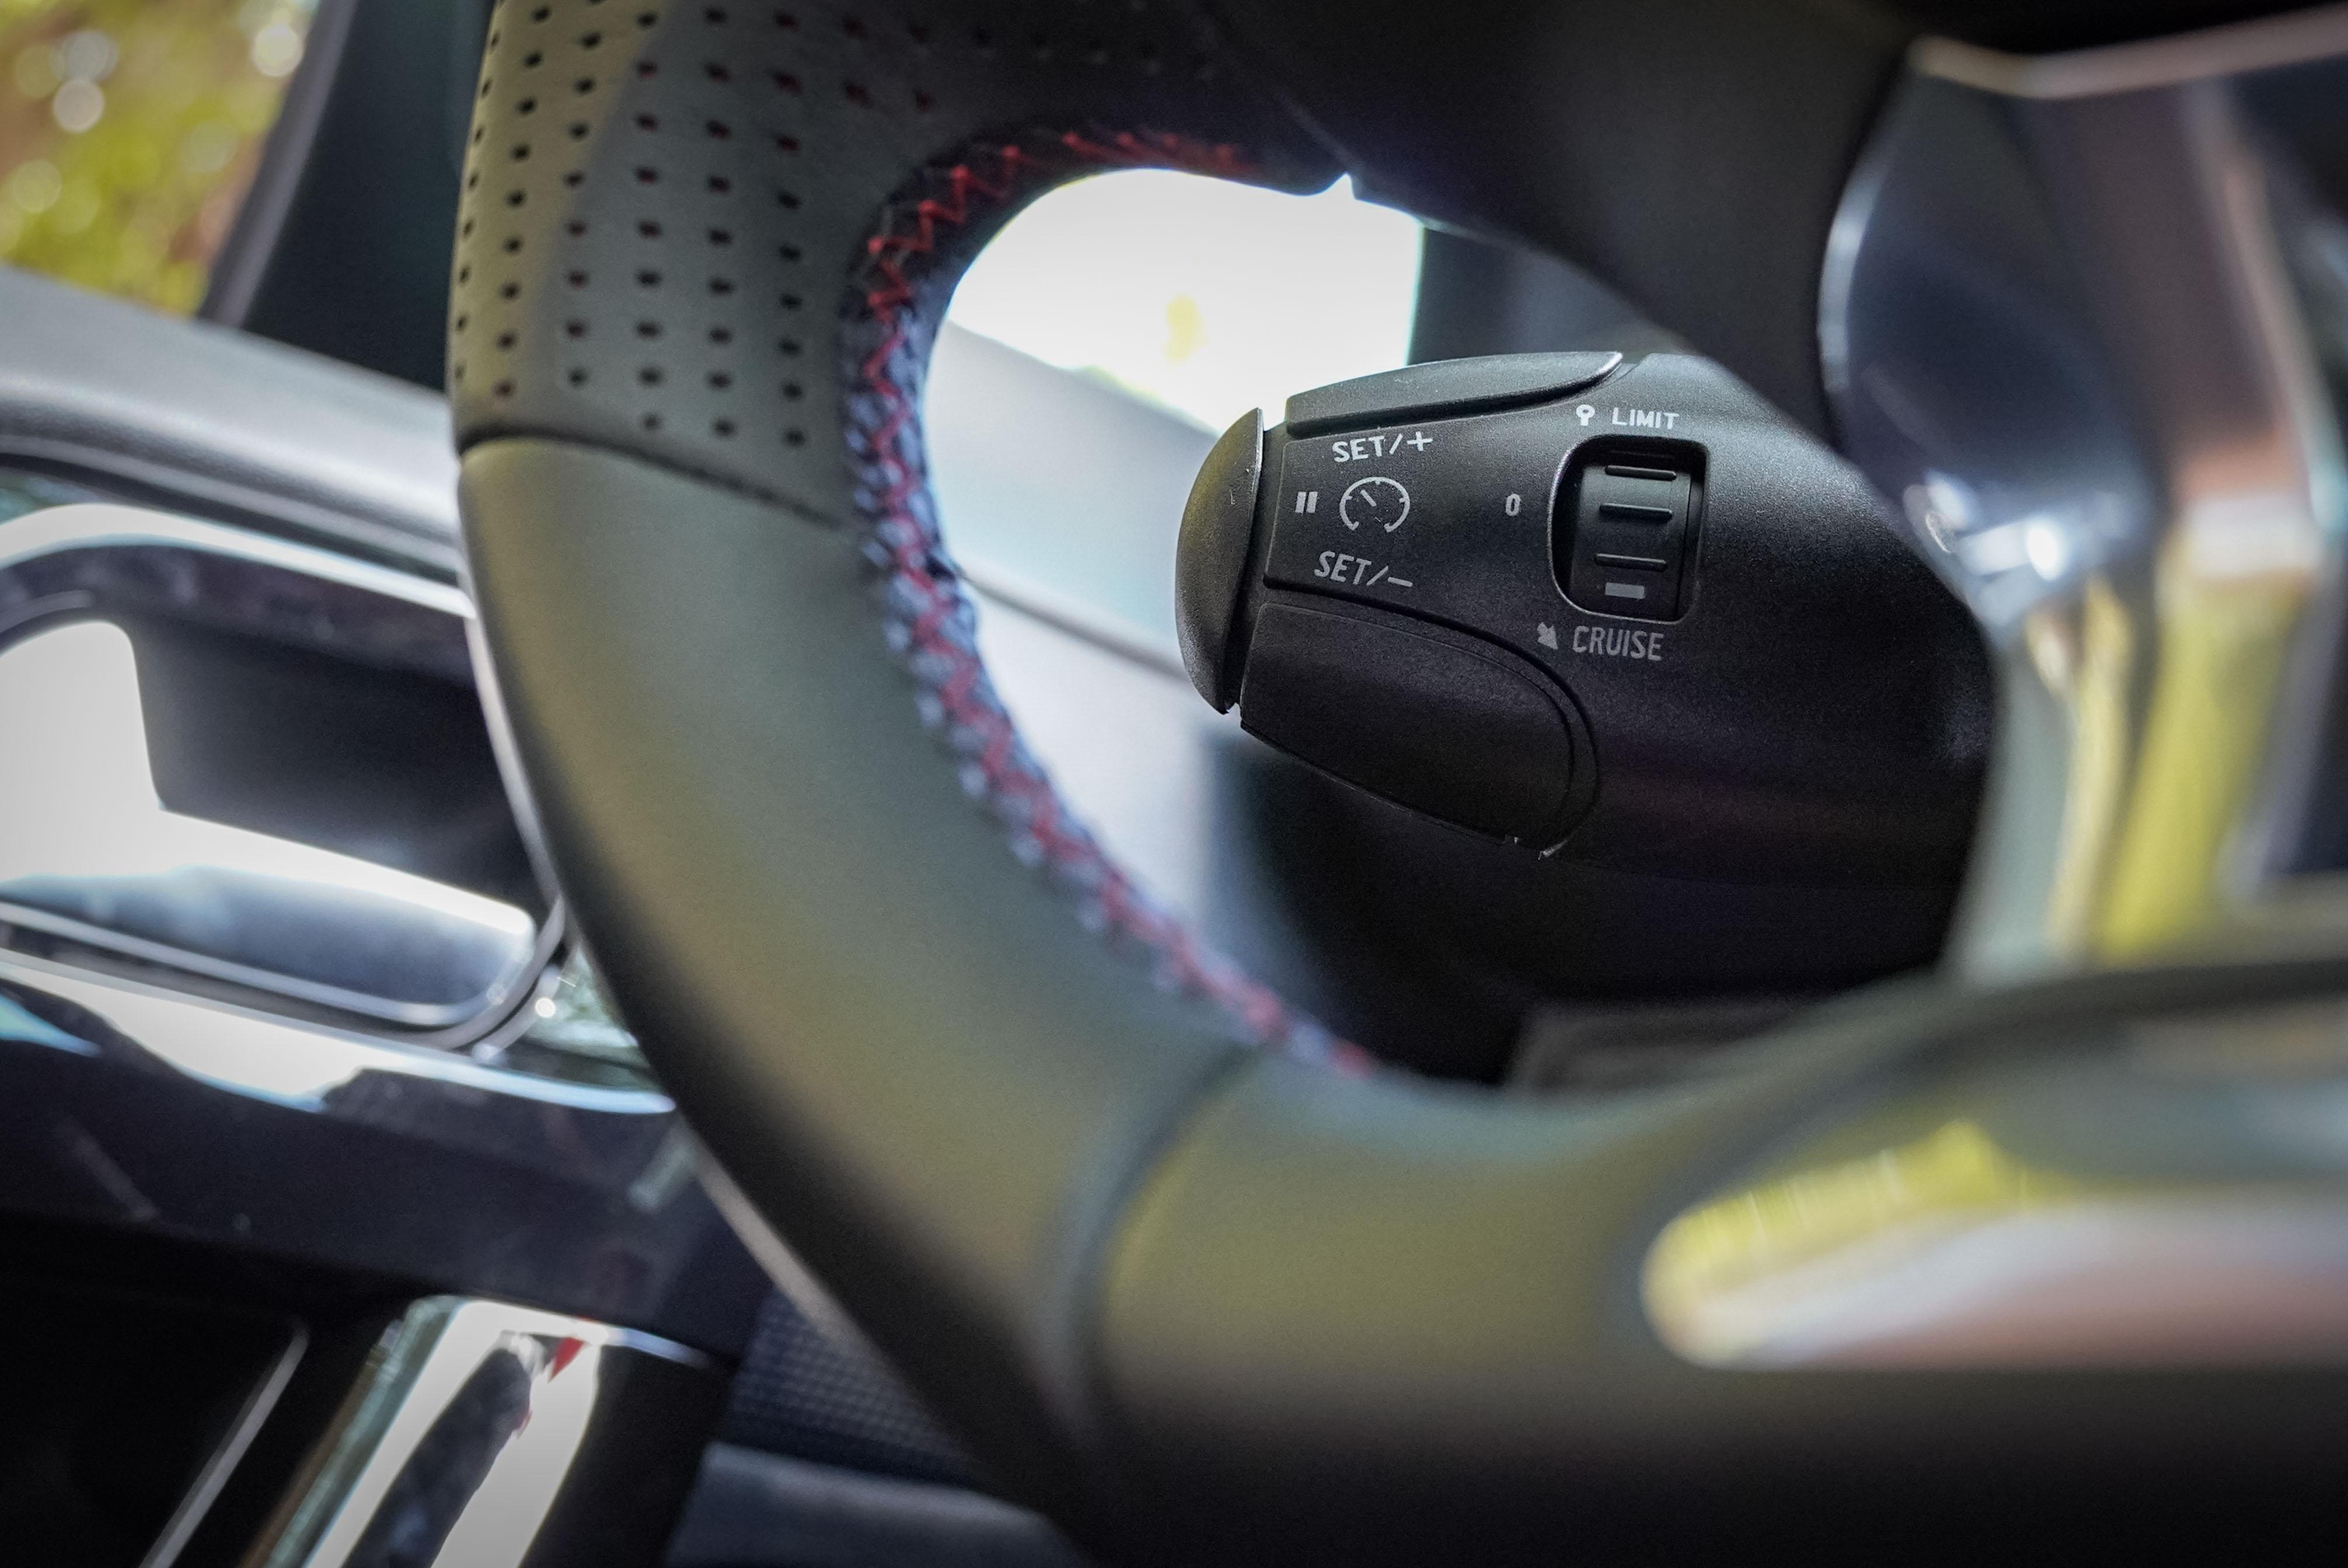 2008 並未提供當前消費者喜愛的 ACC 跟車系統及車道維持系統,但仍標配 ACB都會煞車輔助、EAB 緊急煞車力道輔助裝置、EBFD電子式煞車力分配系統等 ADAS 先進駕駛輔助系統。